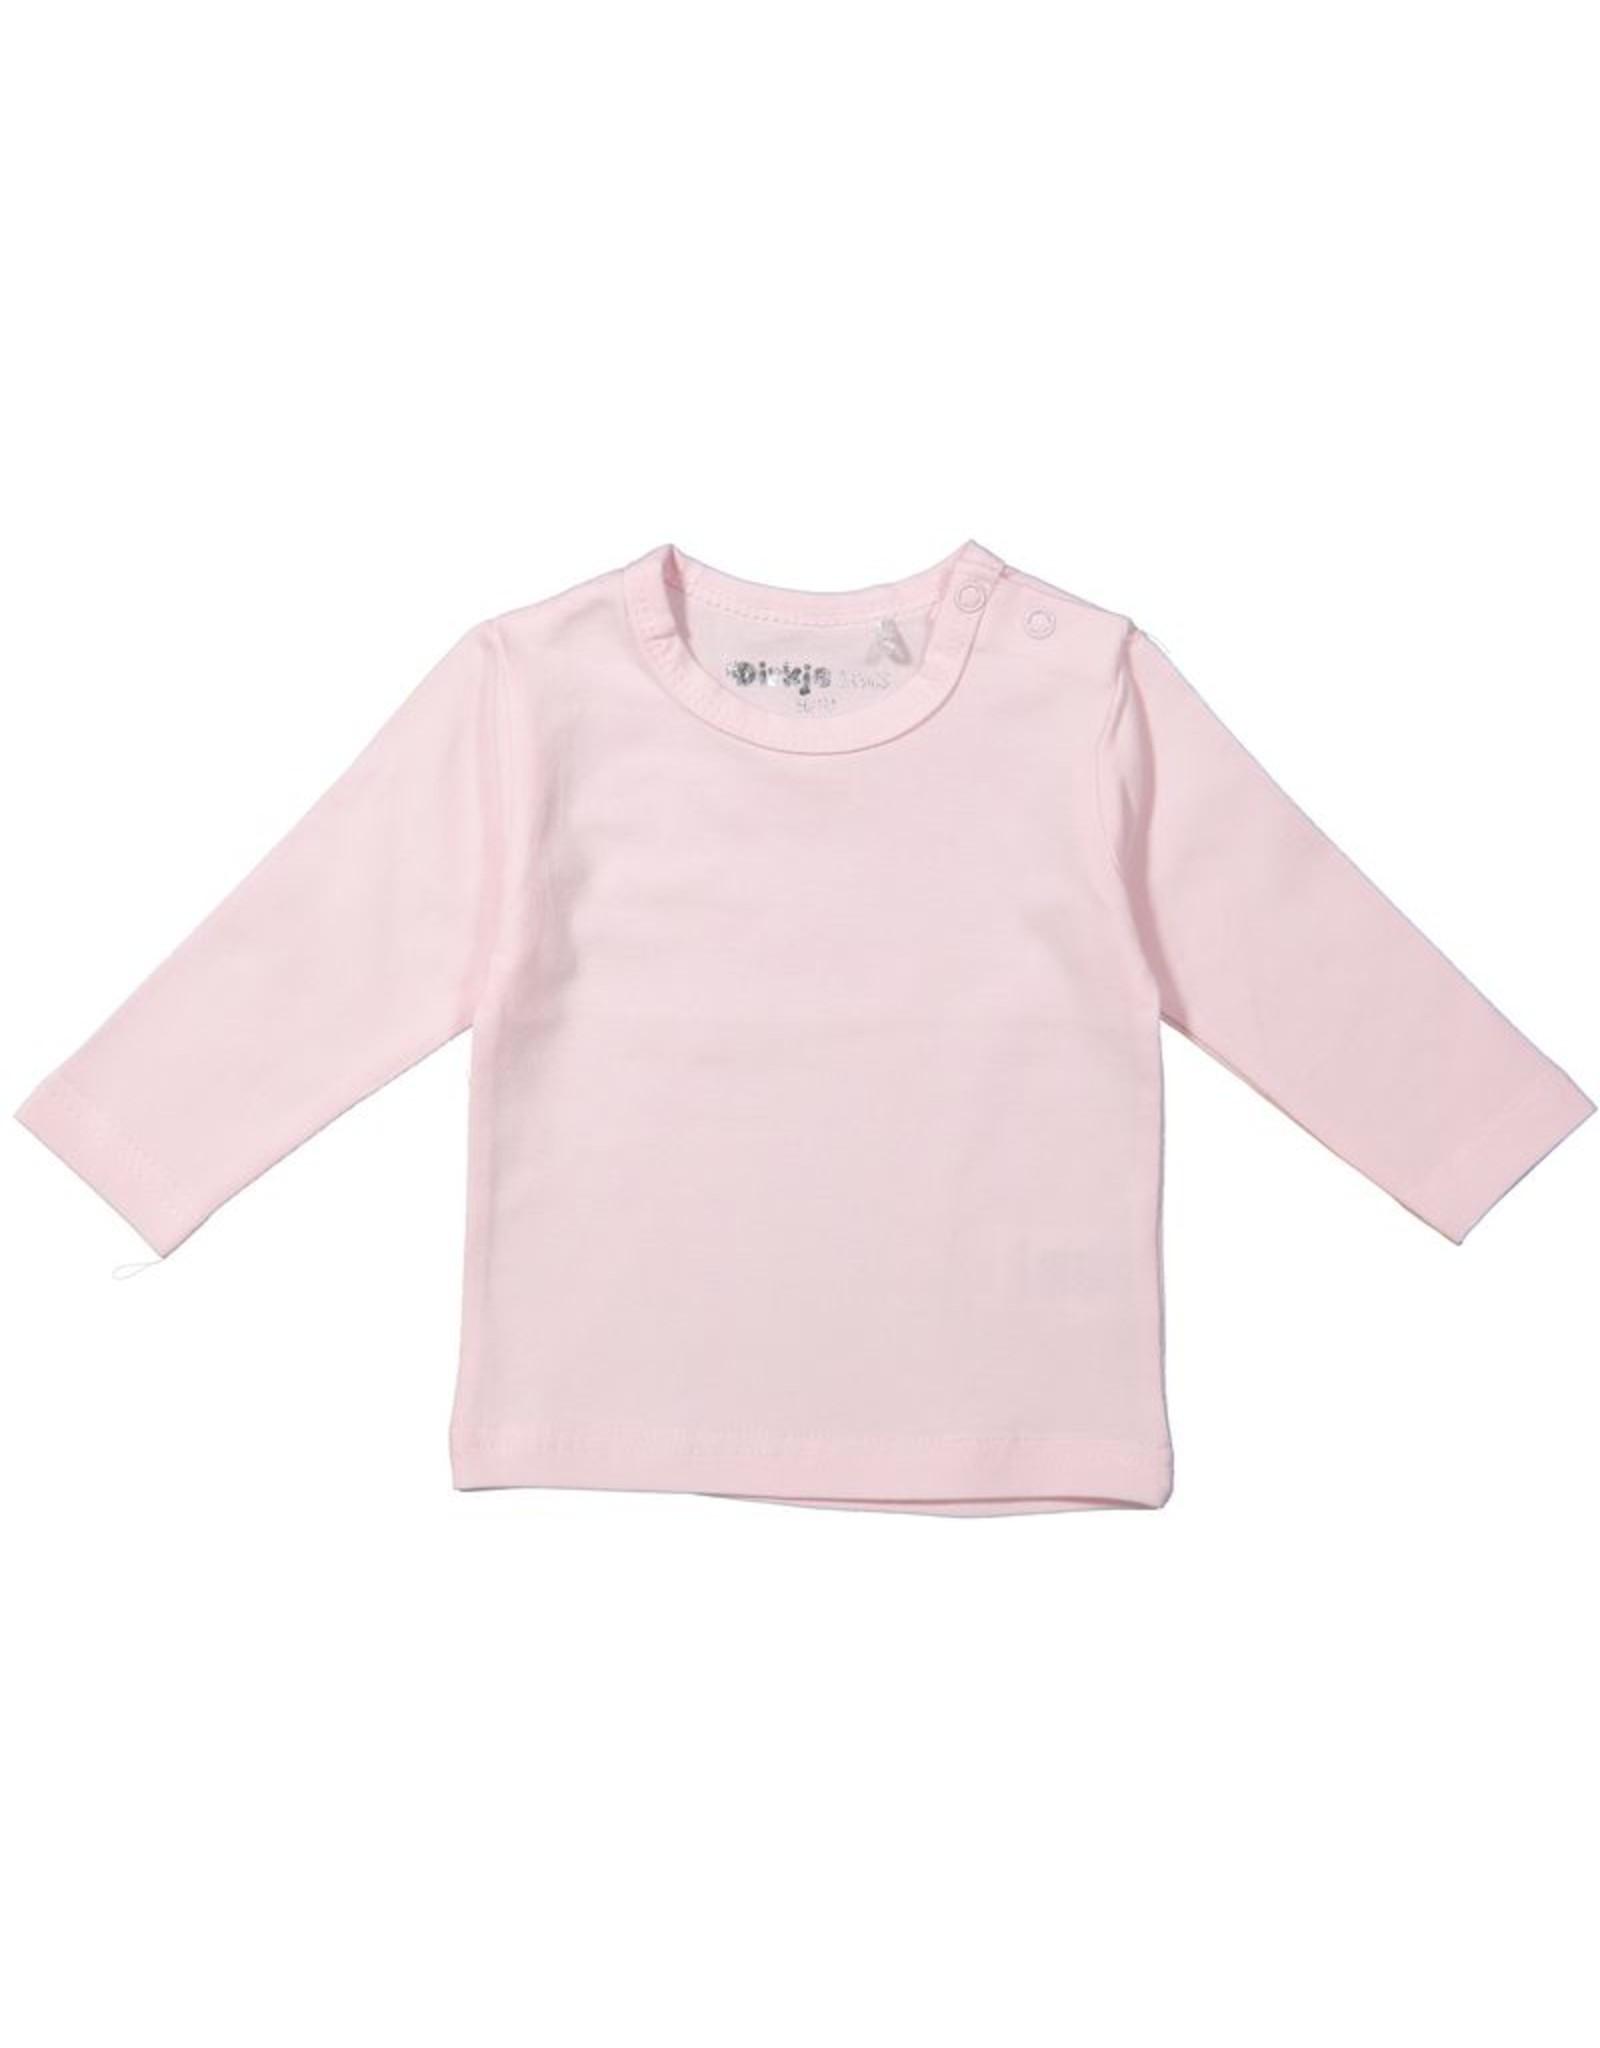 Dirkje Dirkje baby meisjes shirt Basics